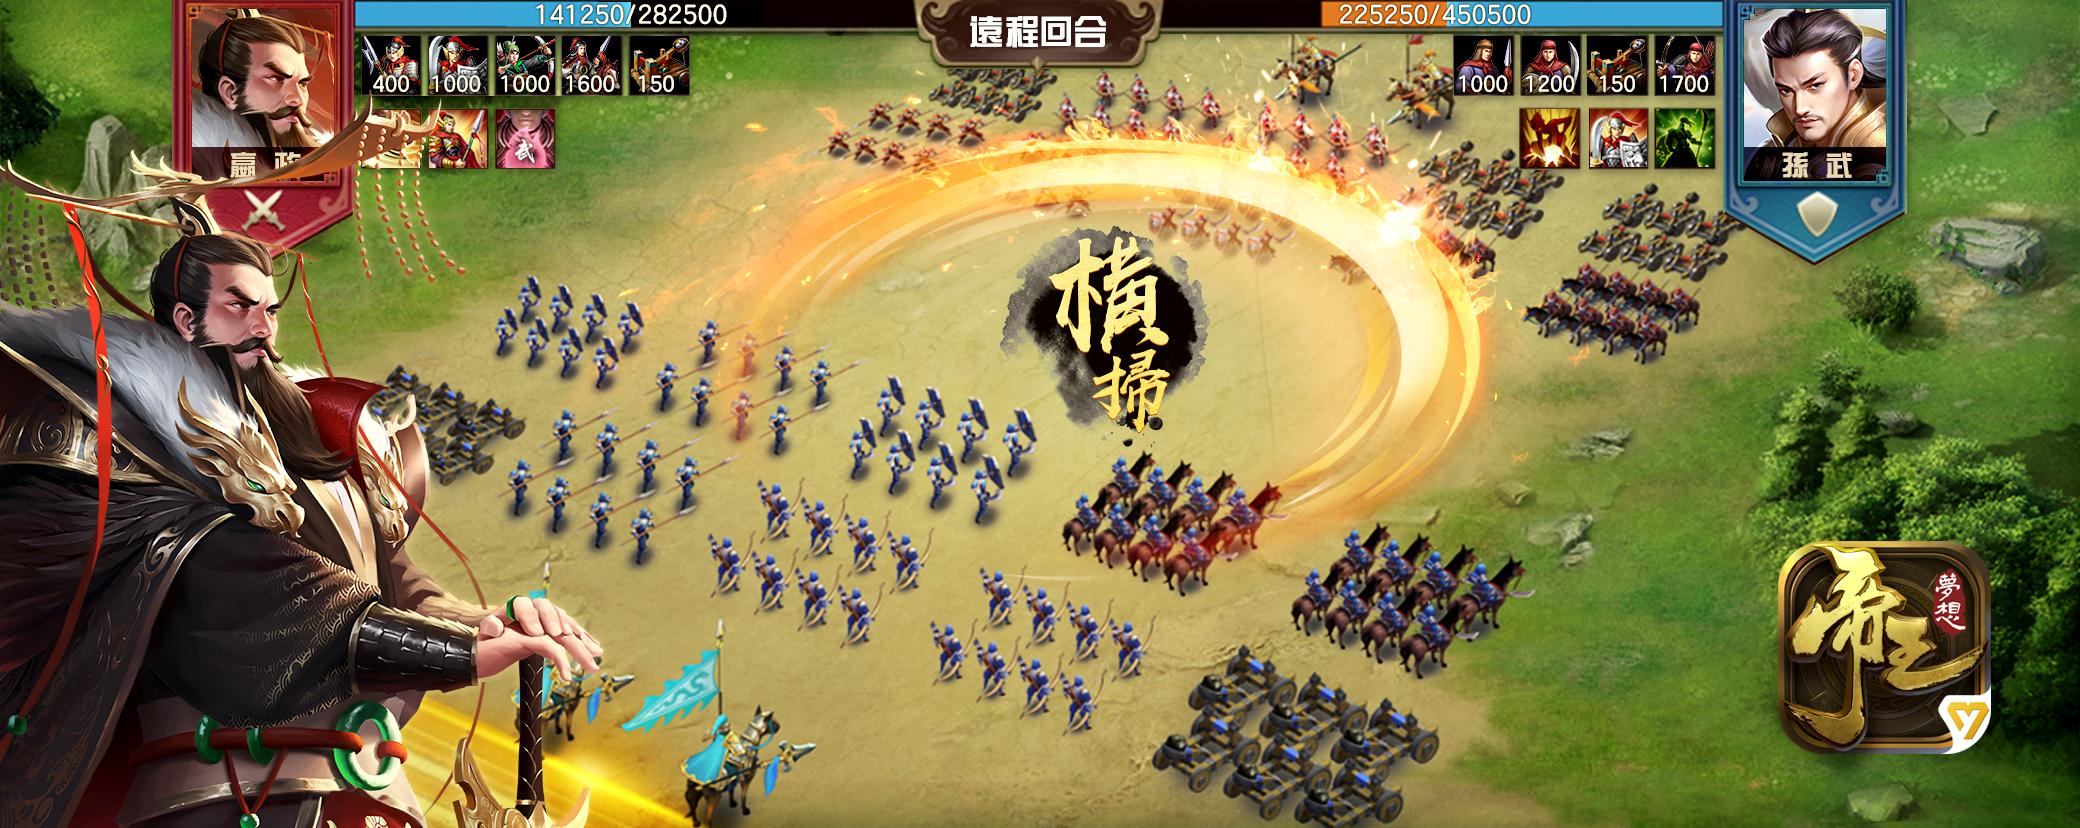 ▲《夢想帝王》全新戰鬥畫面